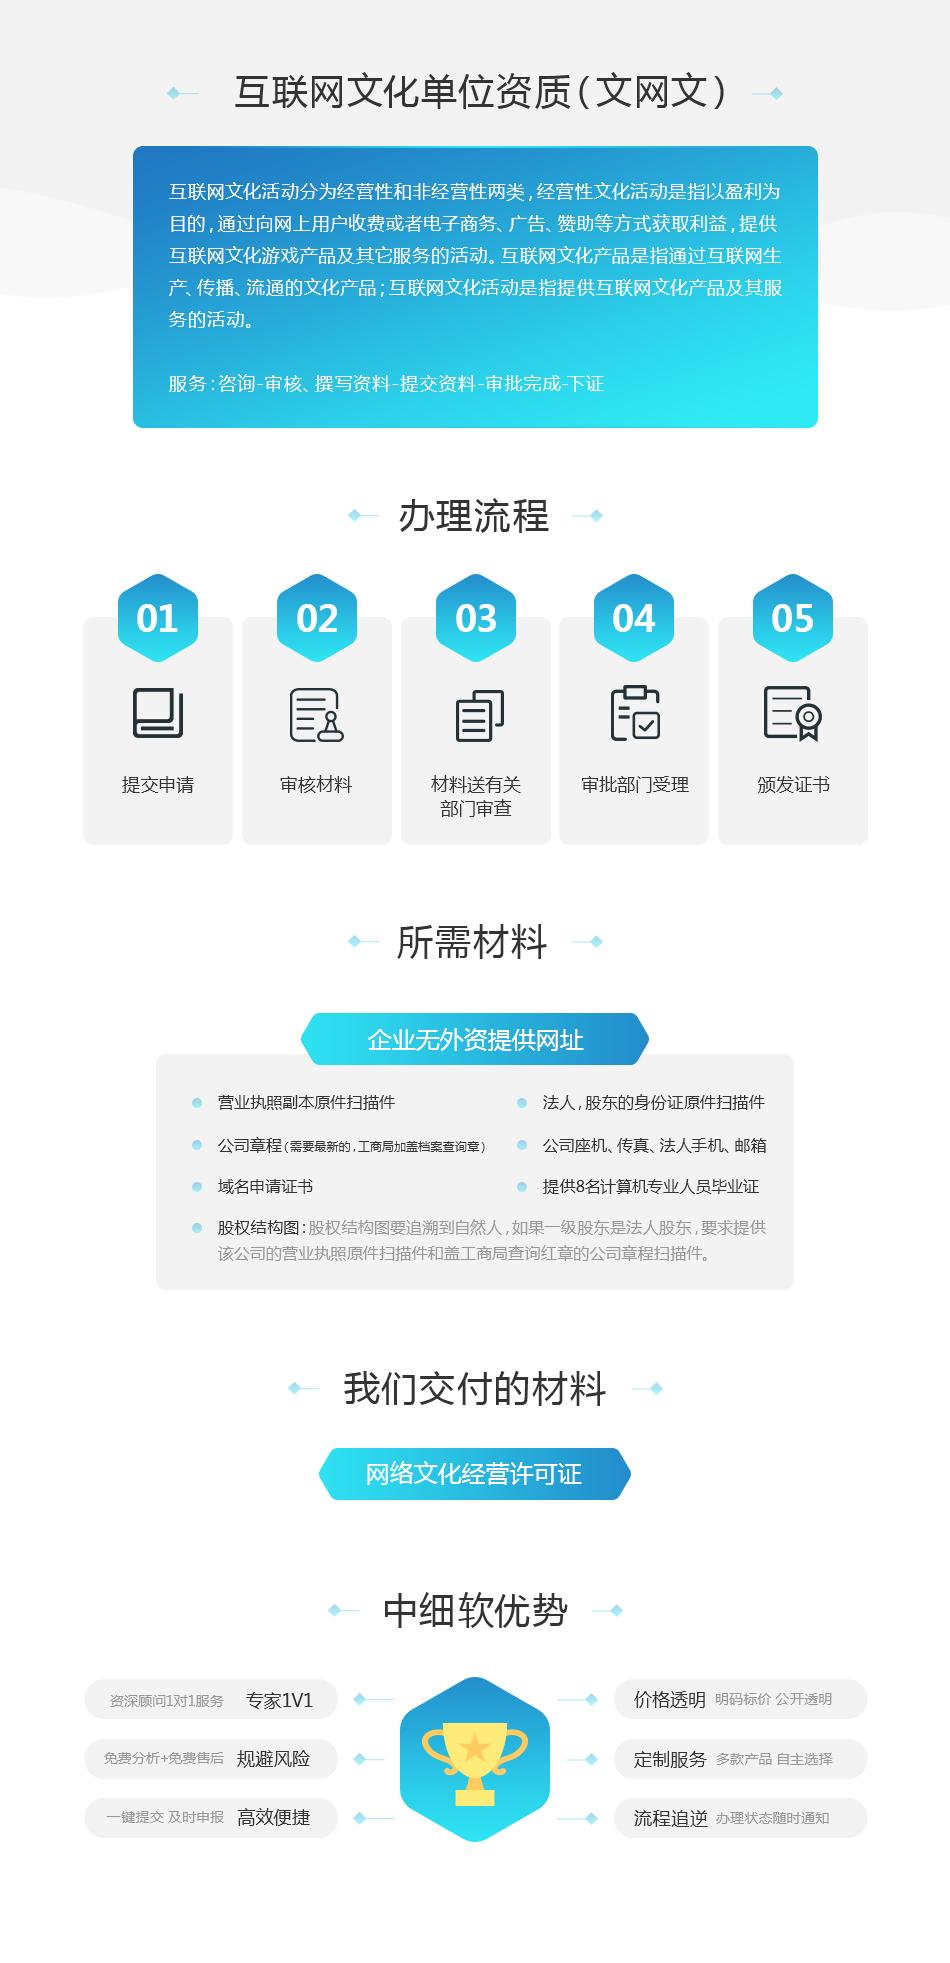 企业服务-互联网文化单位资质(文网文).jpg